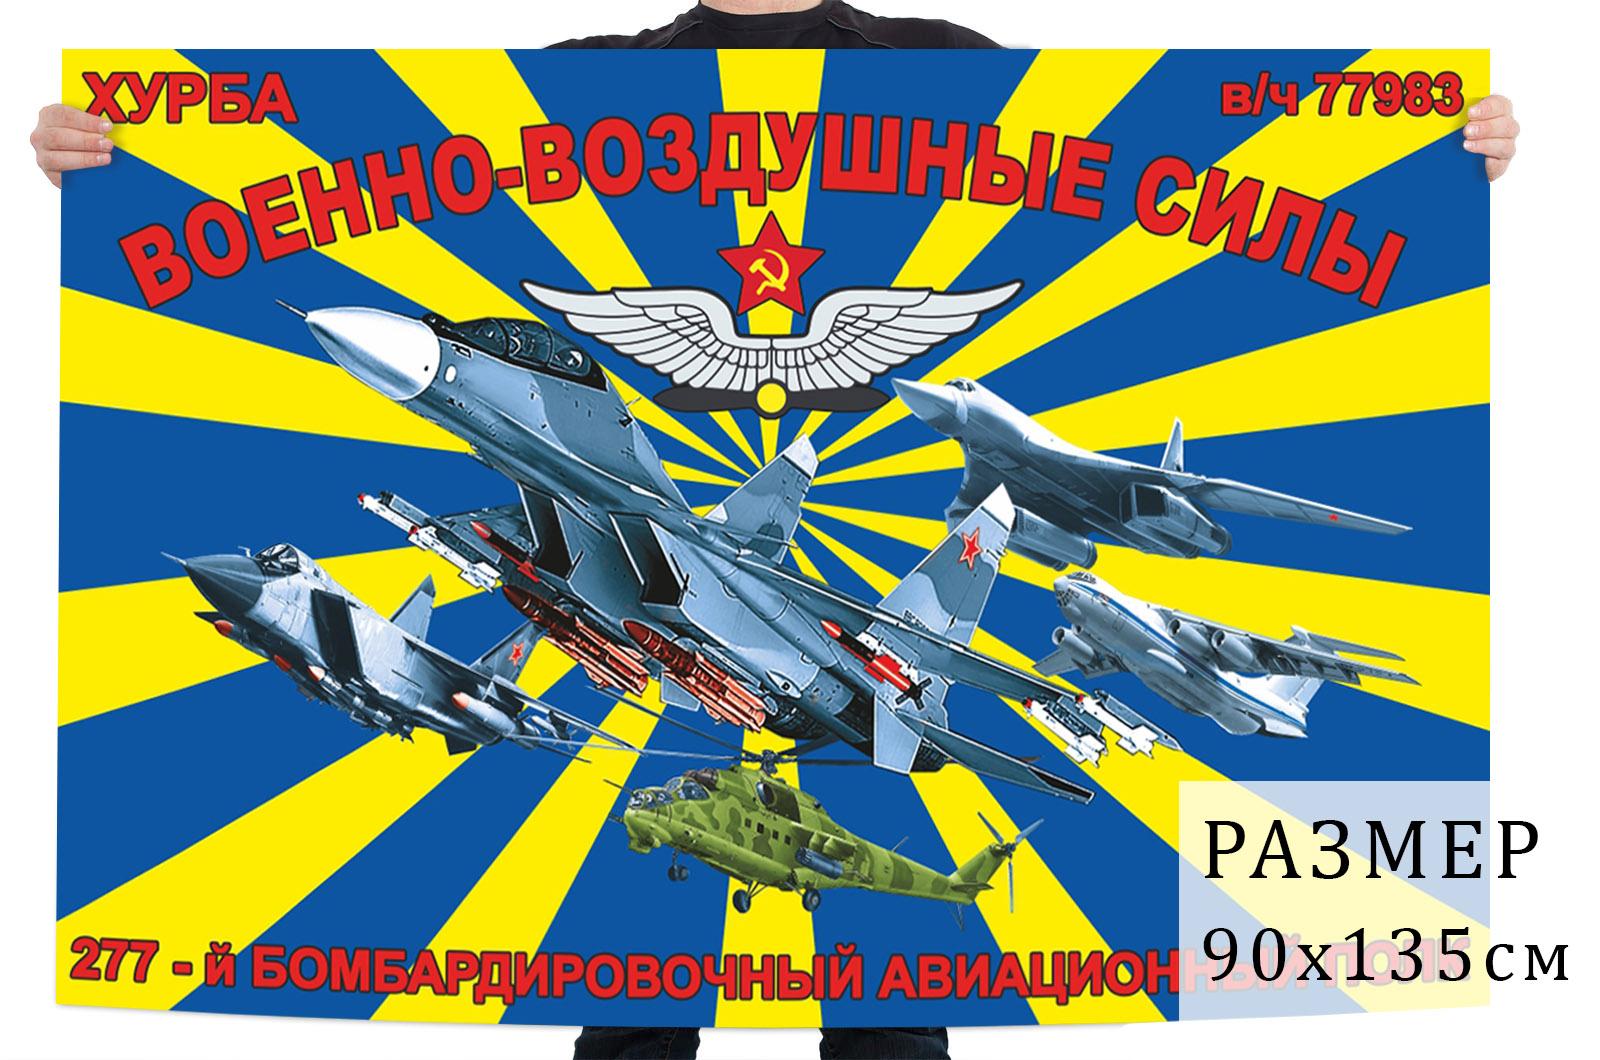 Флаг 277 бомбардировочного авиаполка